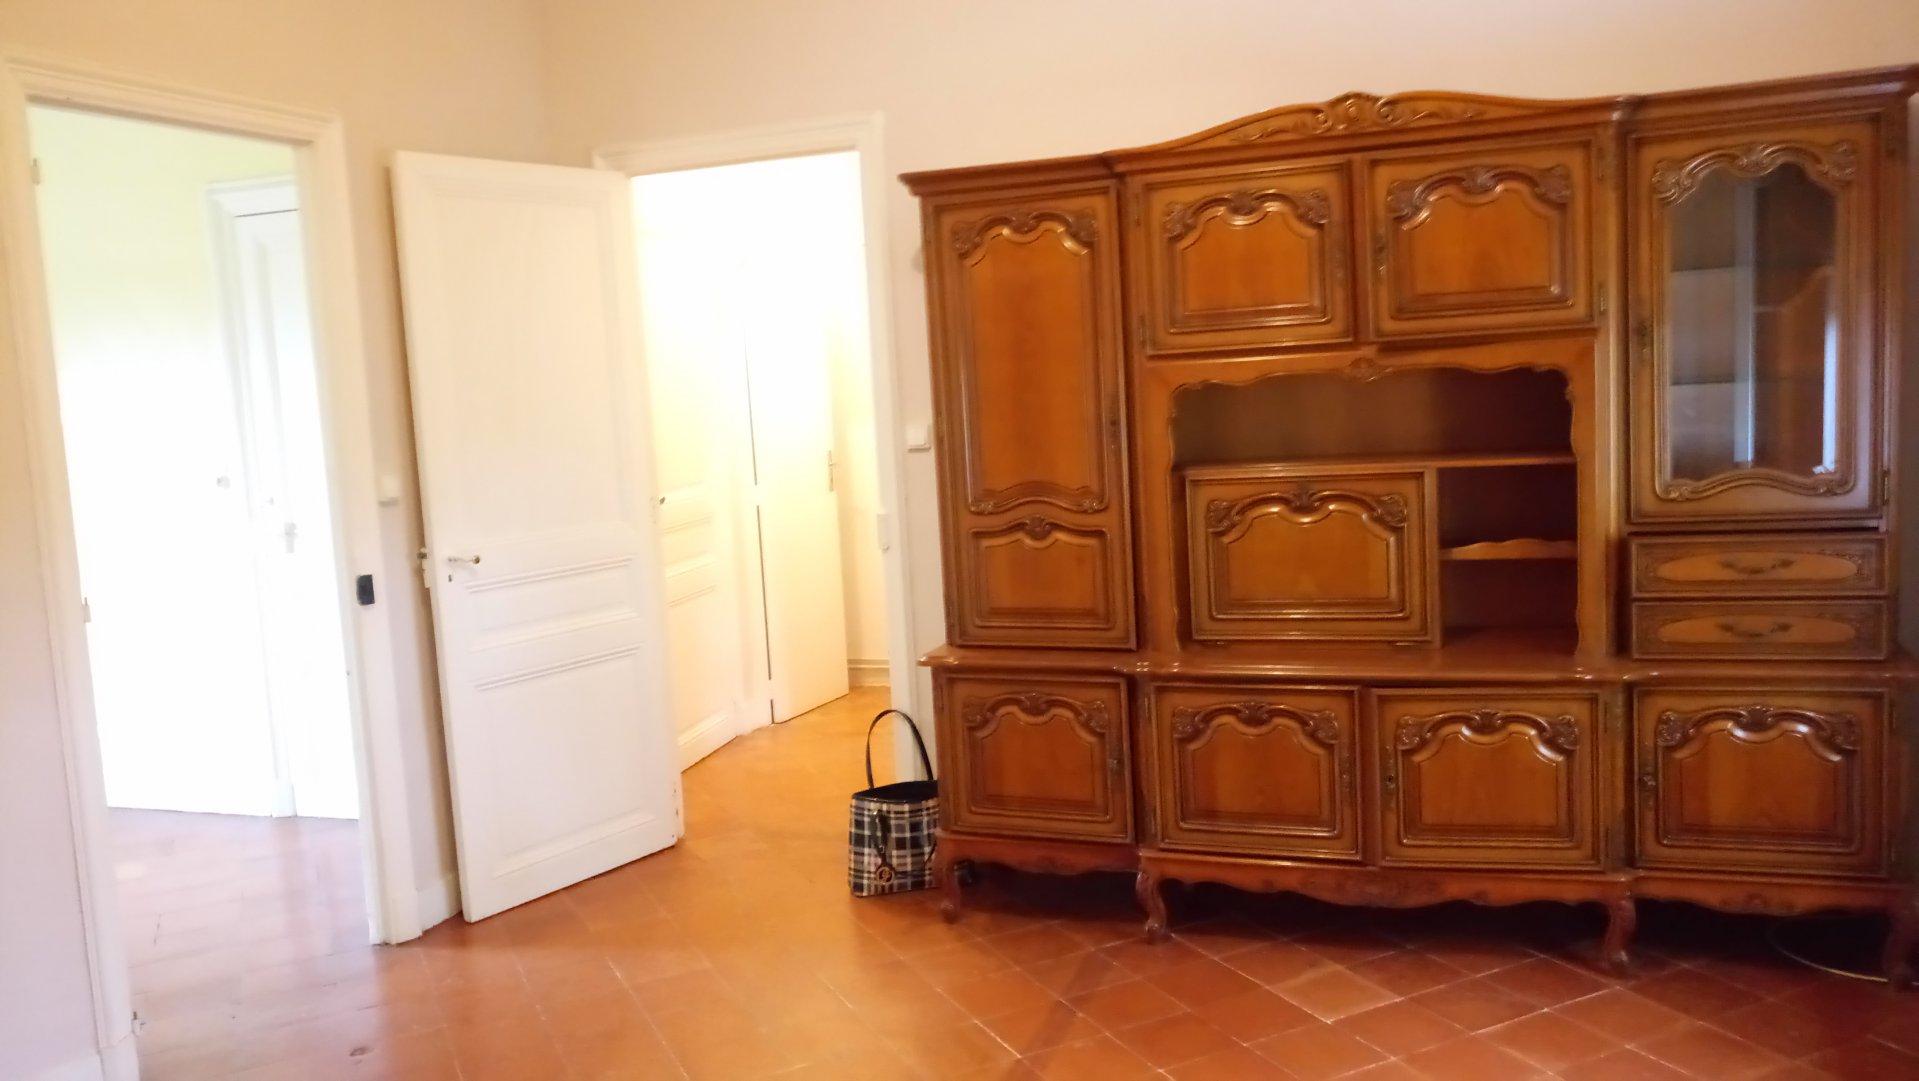 Location Appartement 4 pièces Saint-Couat-d'Aude 11700